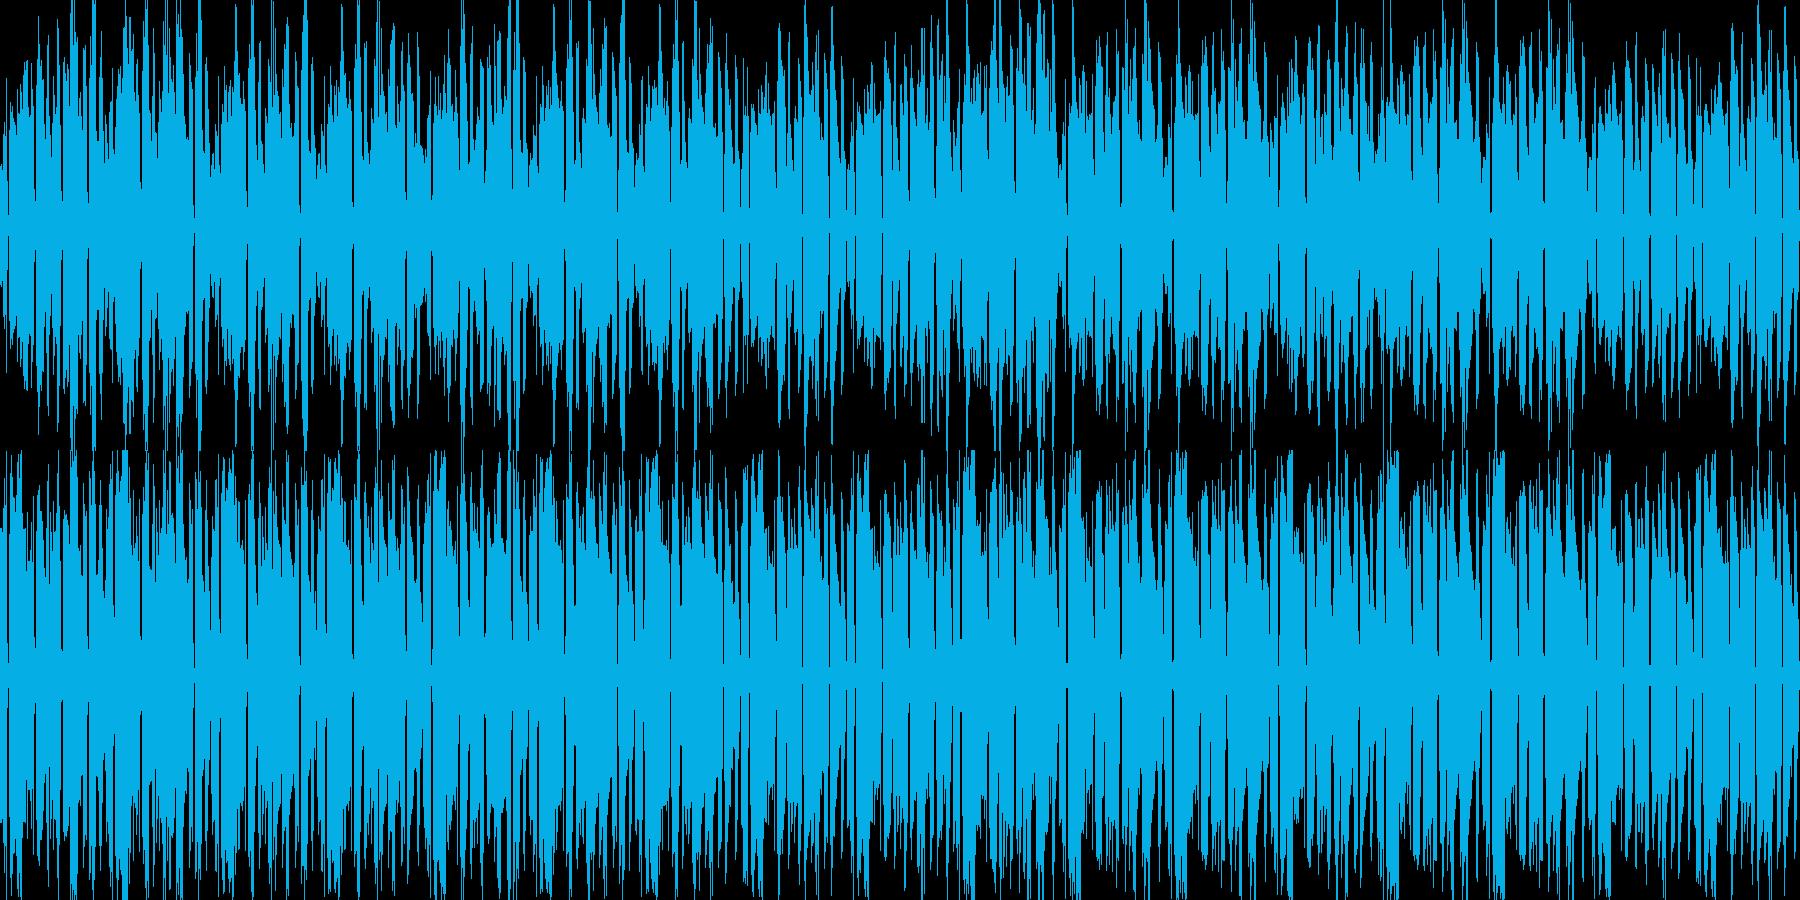 ボサノバ調・癒しギターバックグラウンドにの再生済みの波形